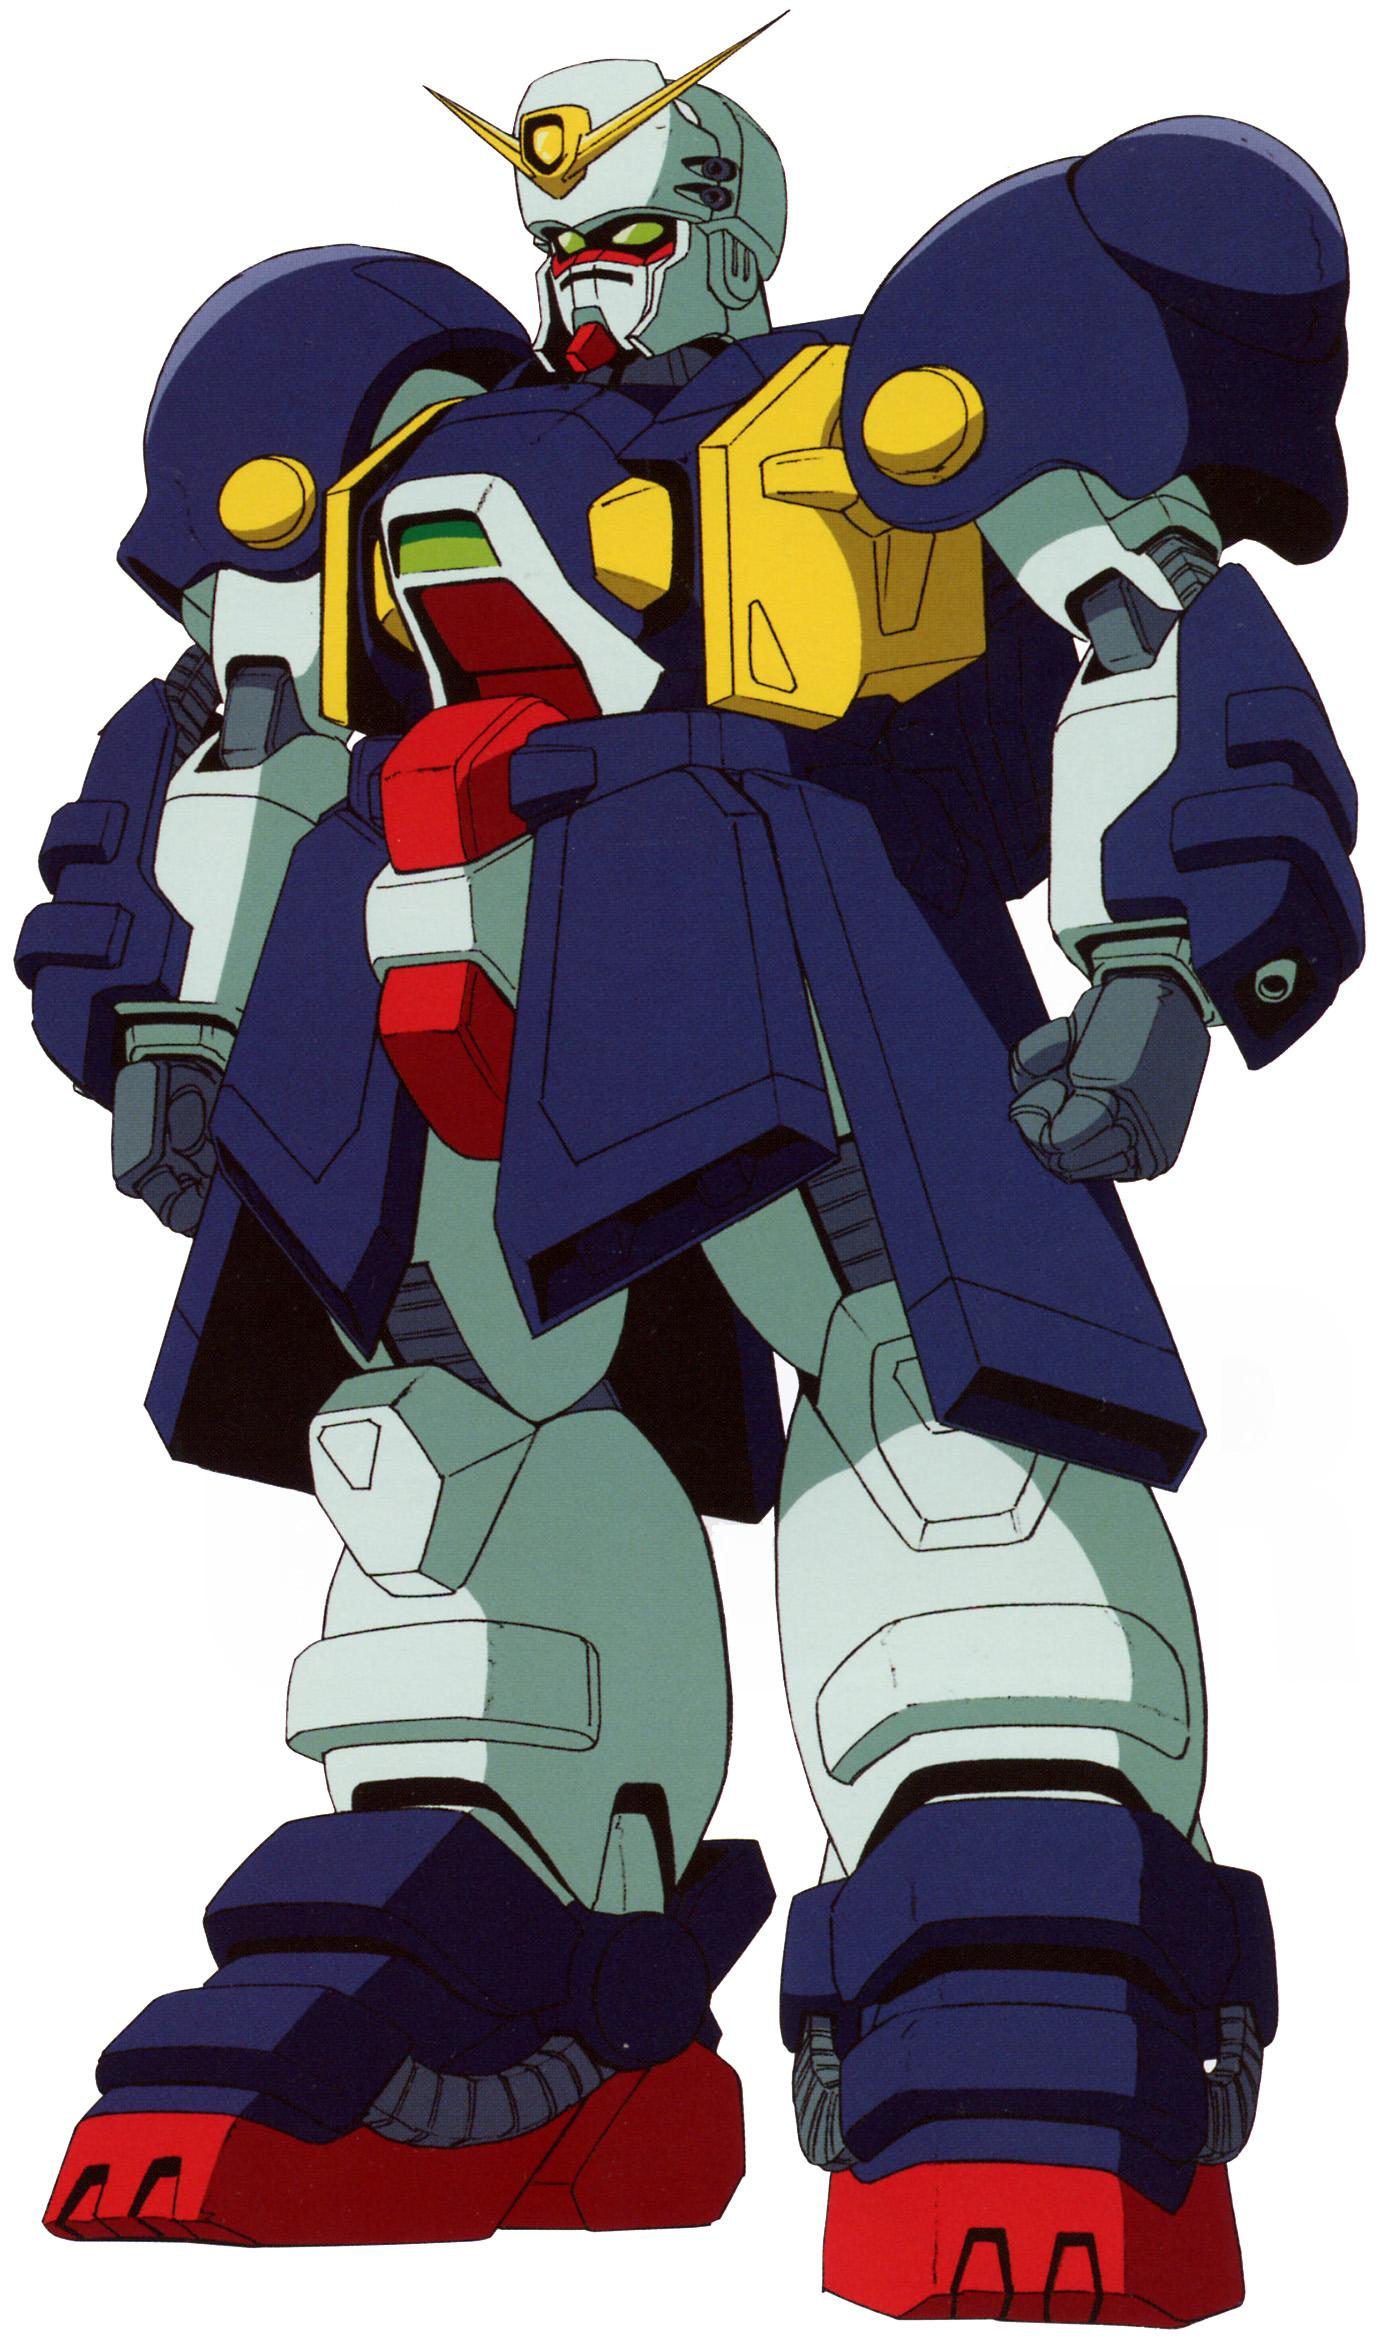 Gf13 013nr Bolt Gundam The Gundam Wiki Fandom